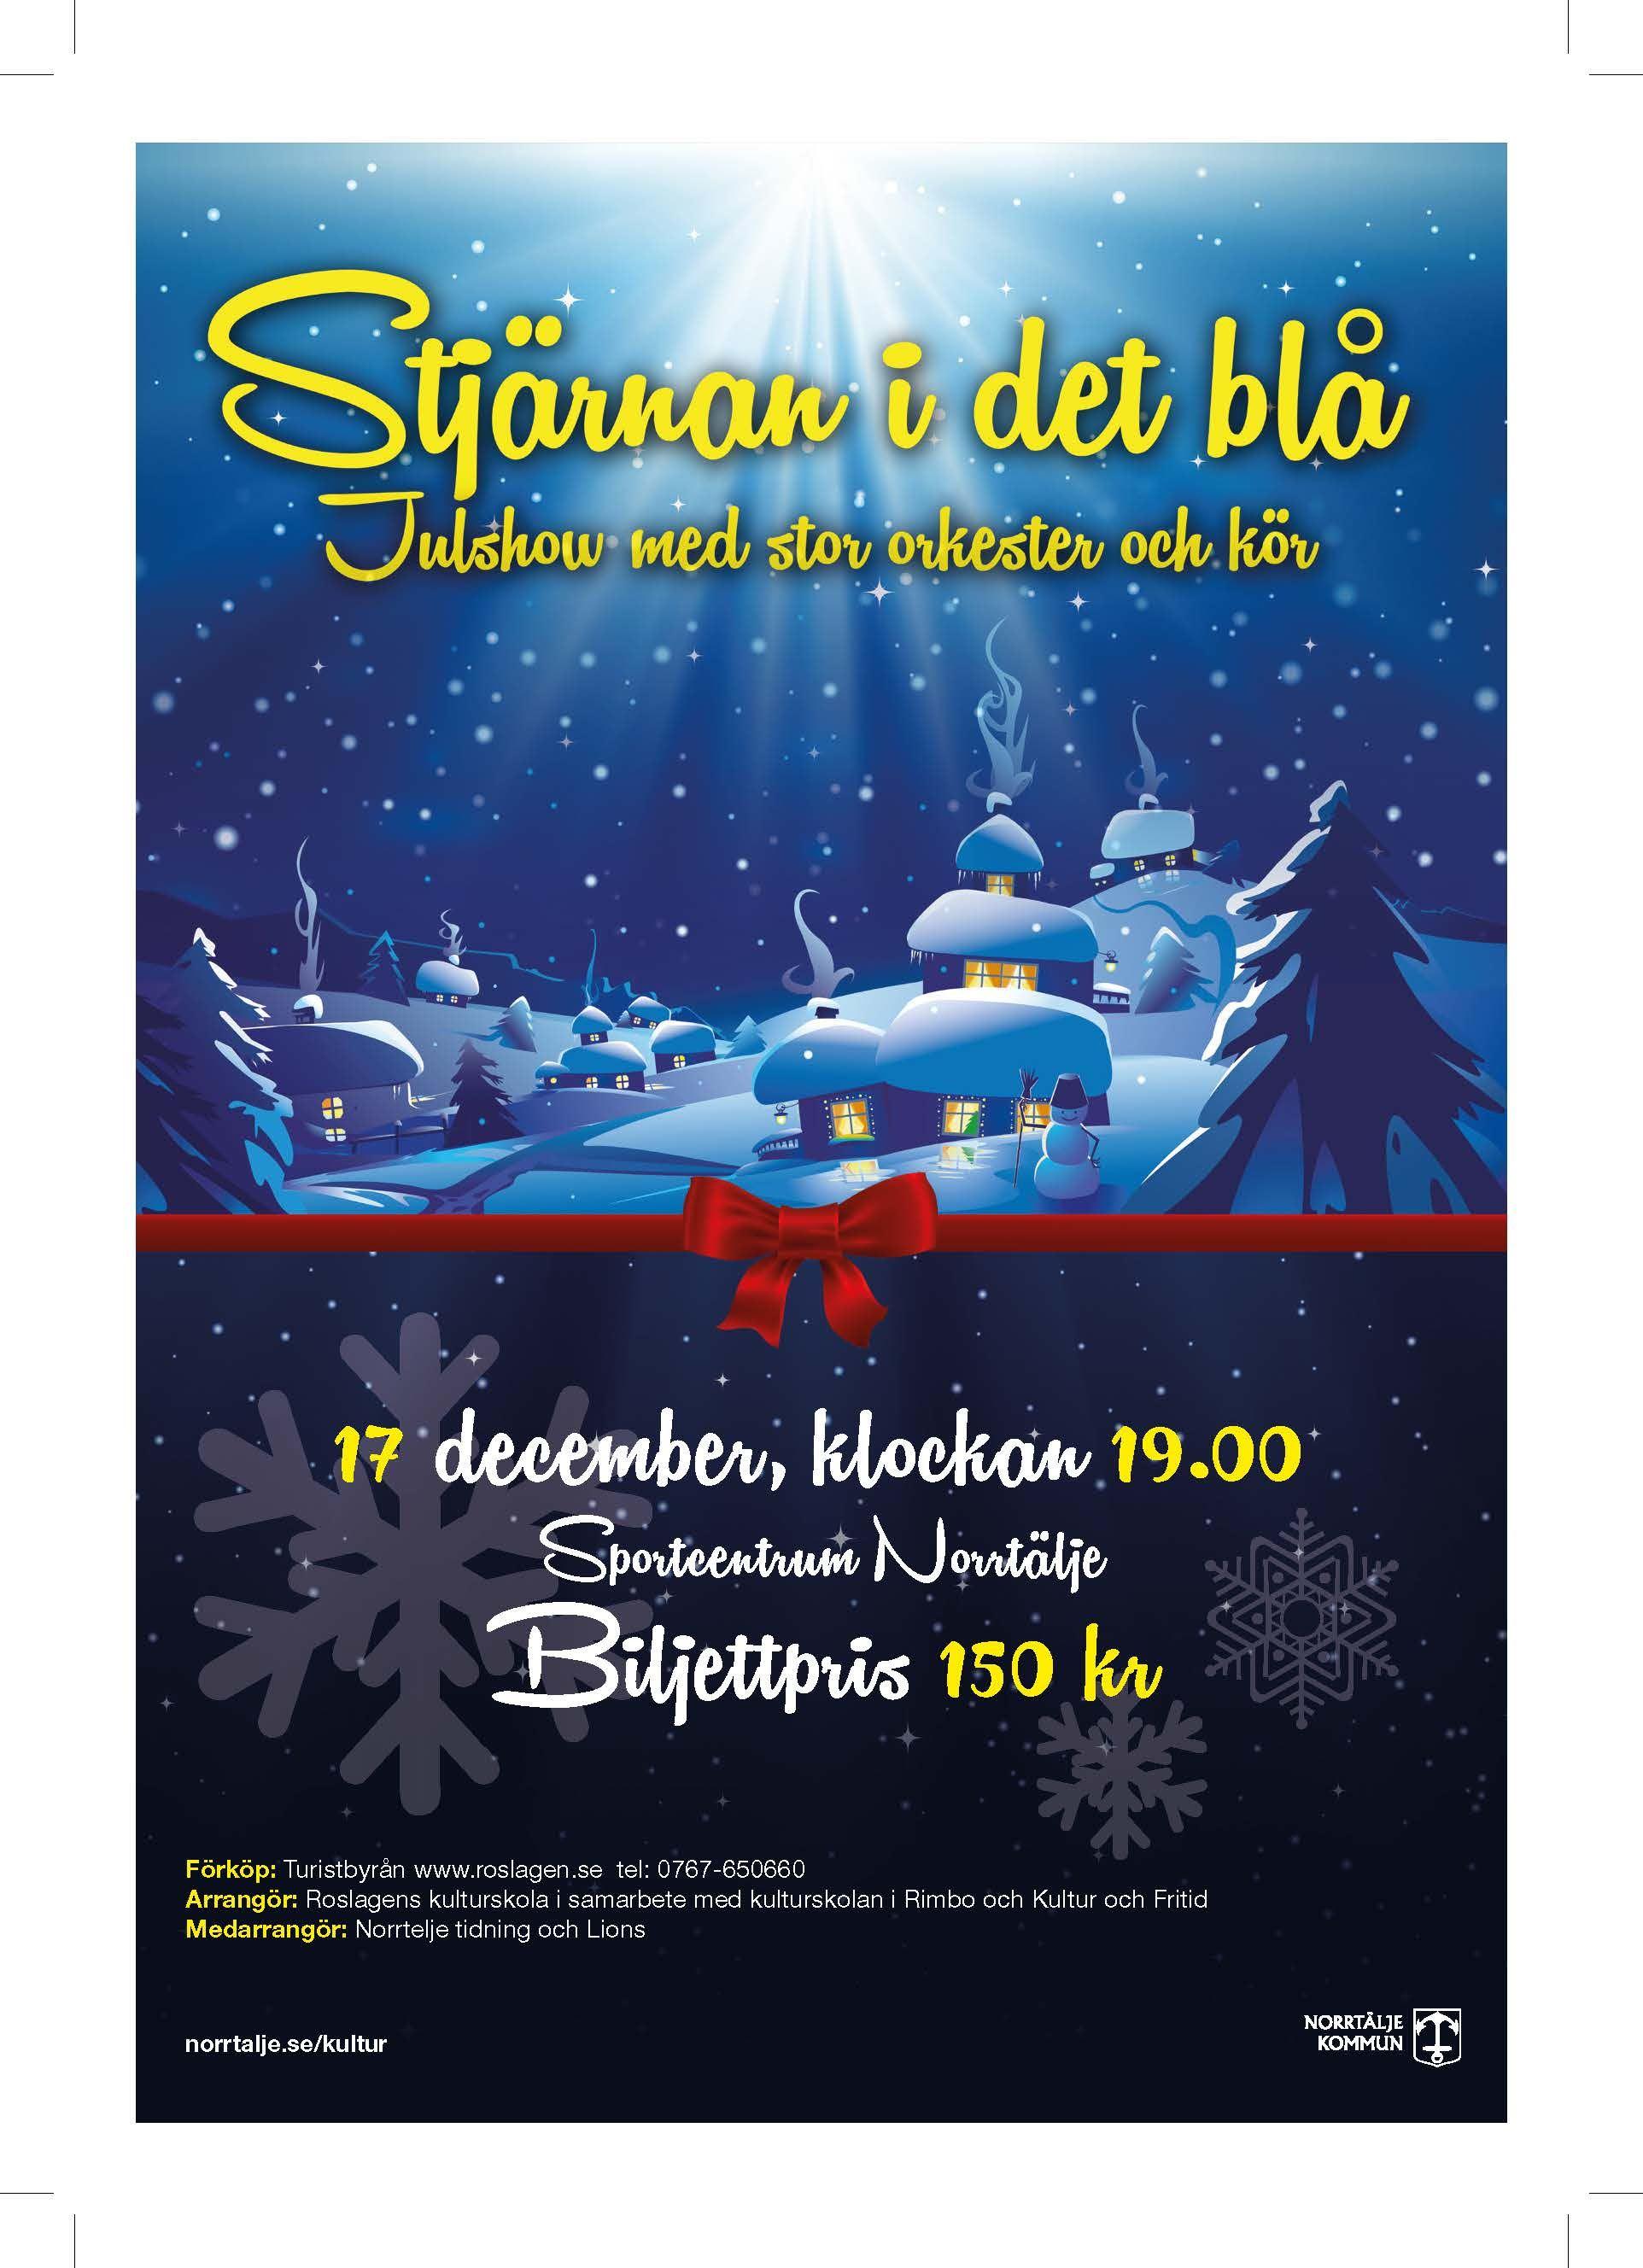 Stjärnan i det blå - Julshow med stor orkester och kör - Norrtälje Sportcentrum